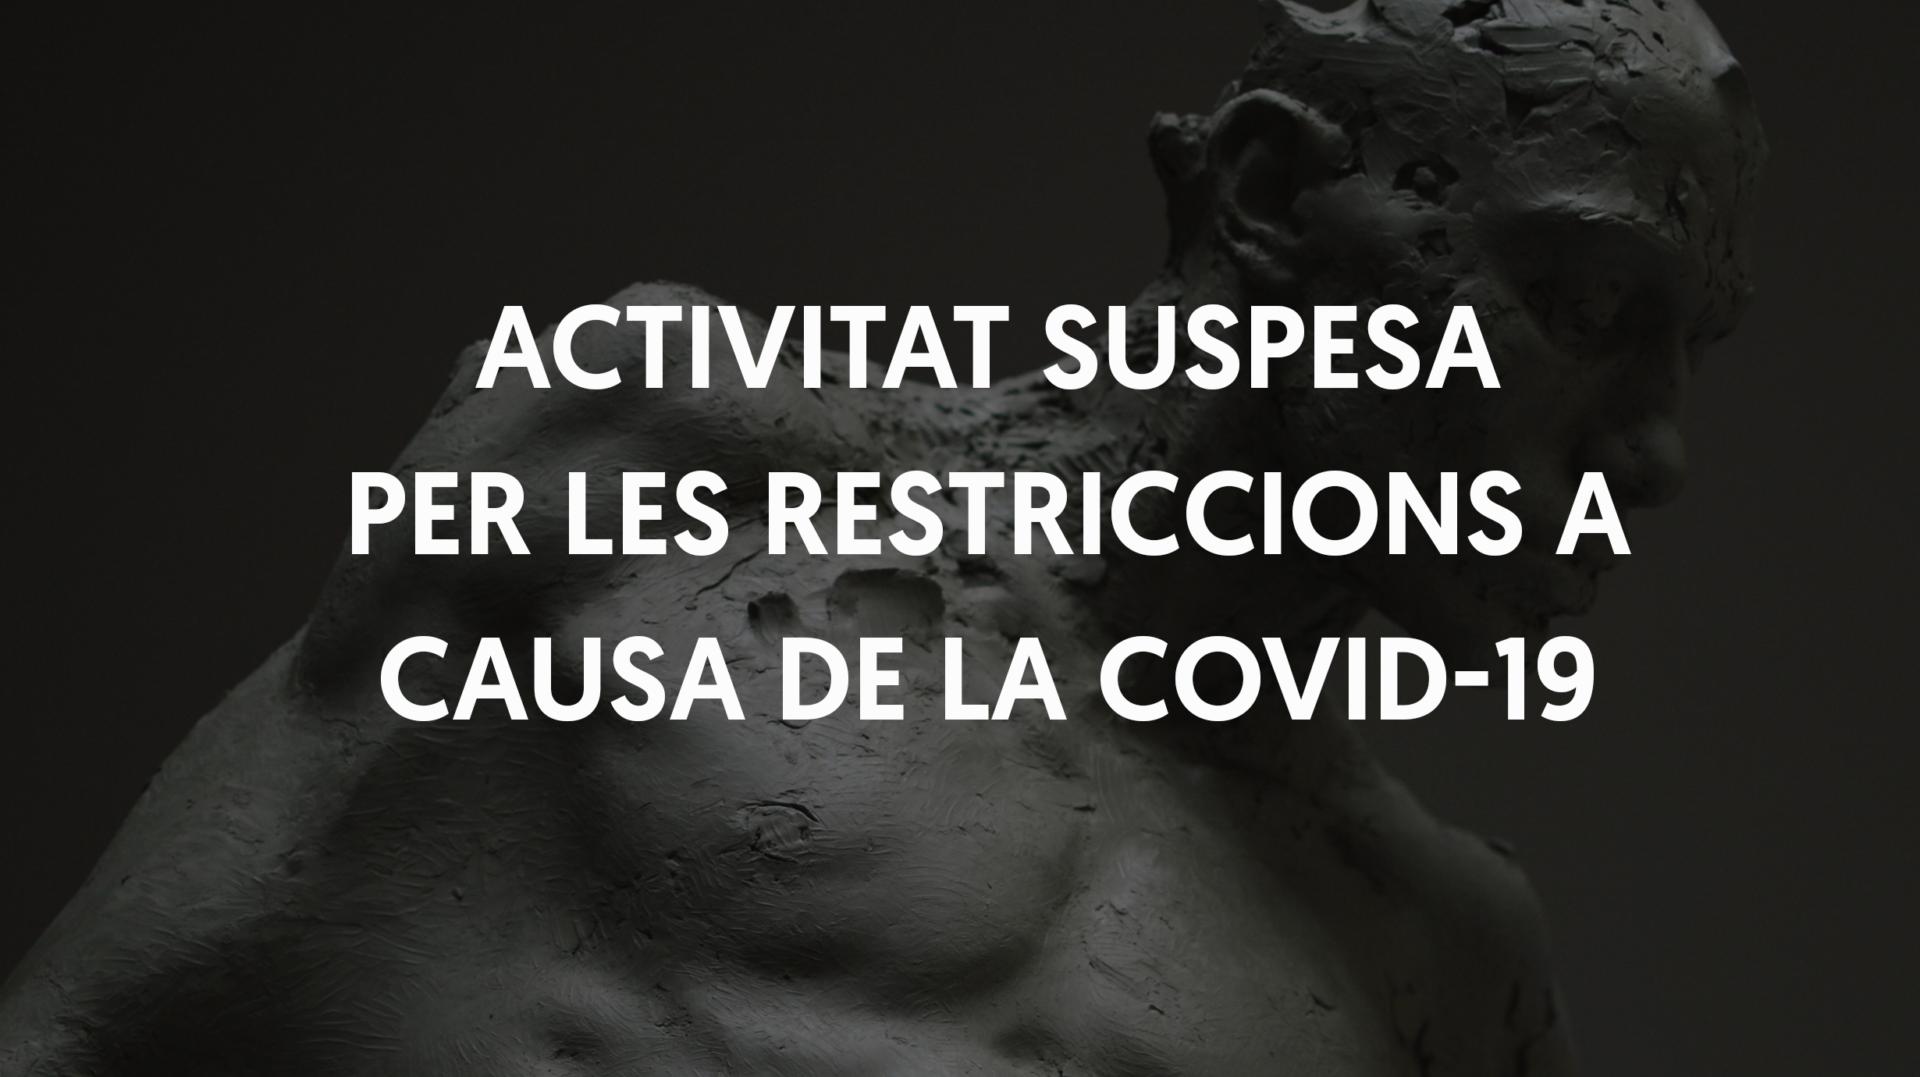 """Conversa amb els comissaris de l'exposició """"Eudald de Juana i la Transgressió de la forma"""" (Activitat suspesa)"""